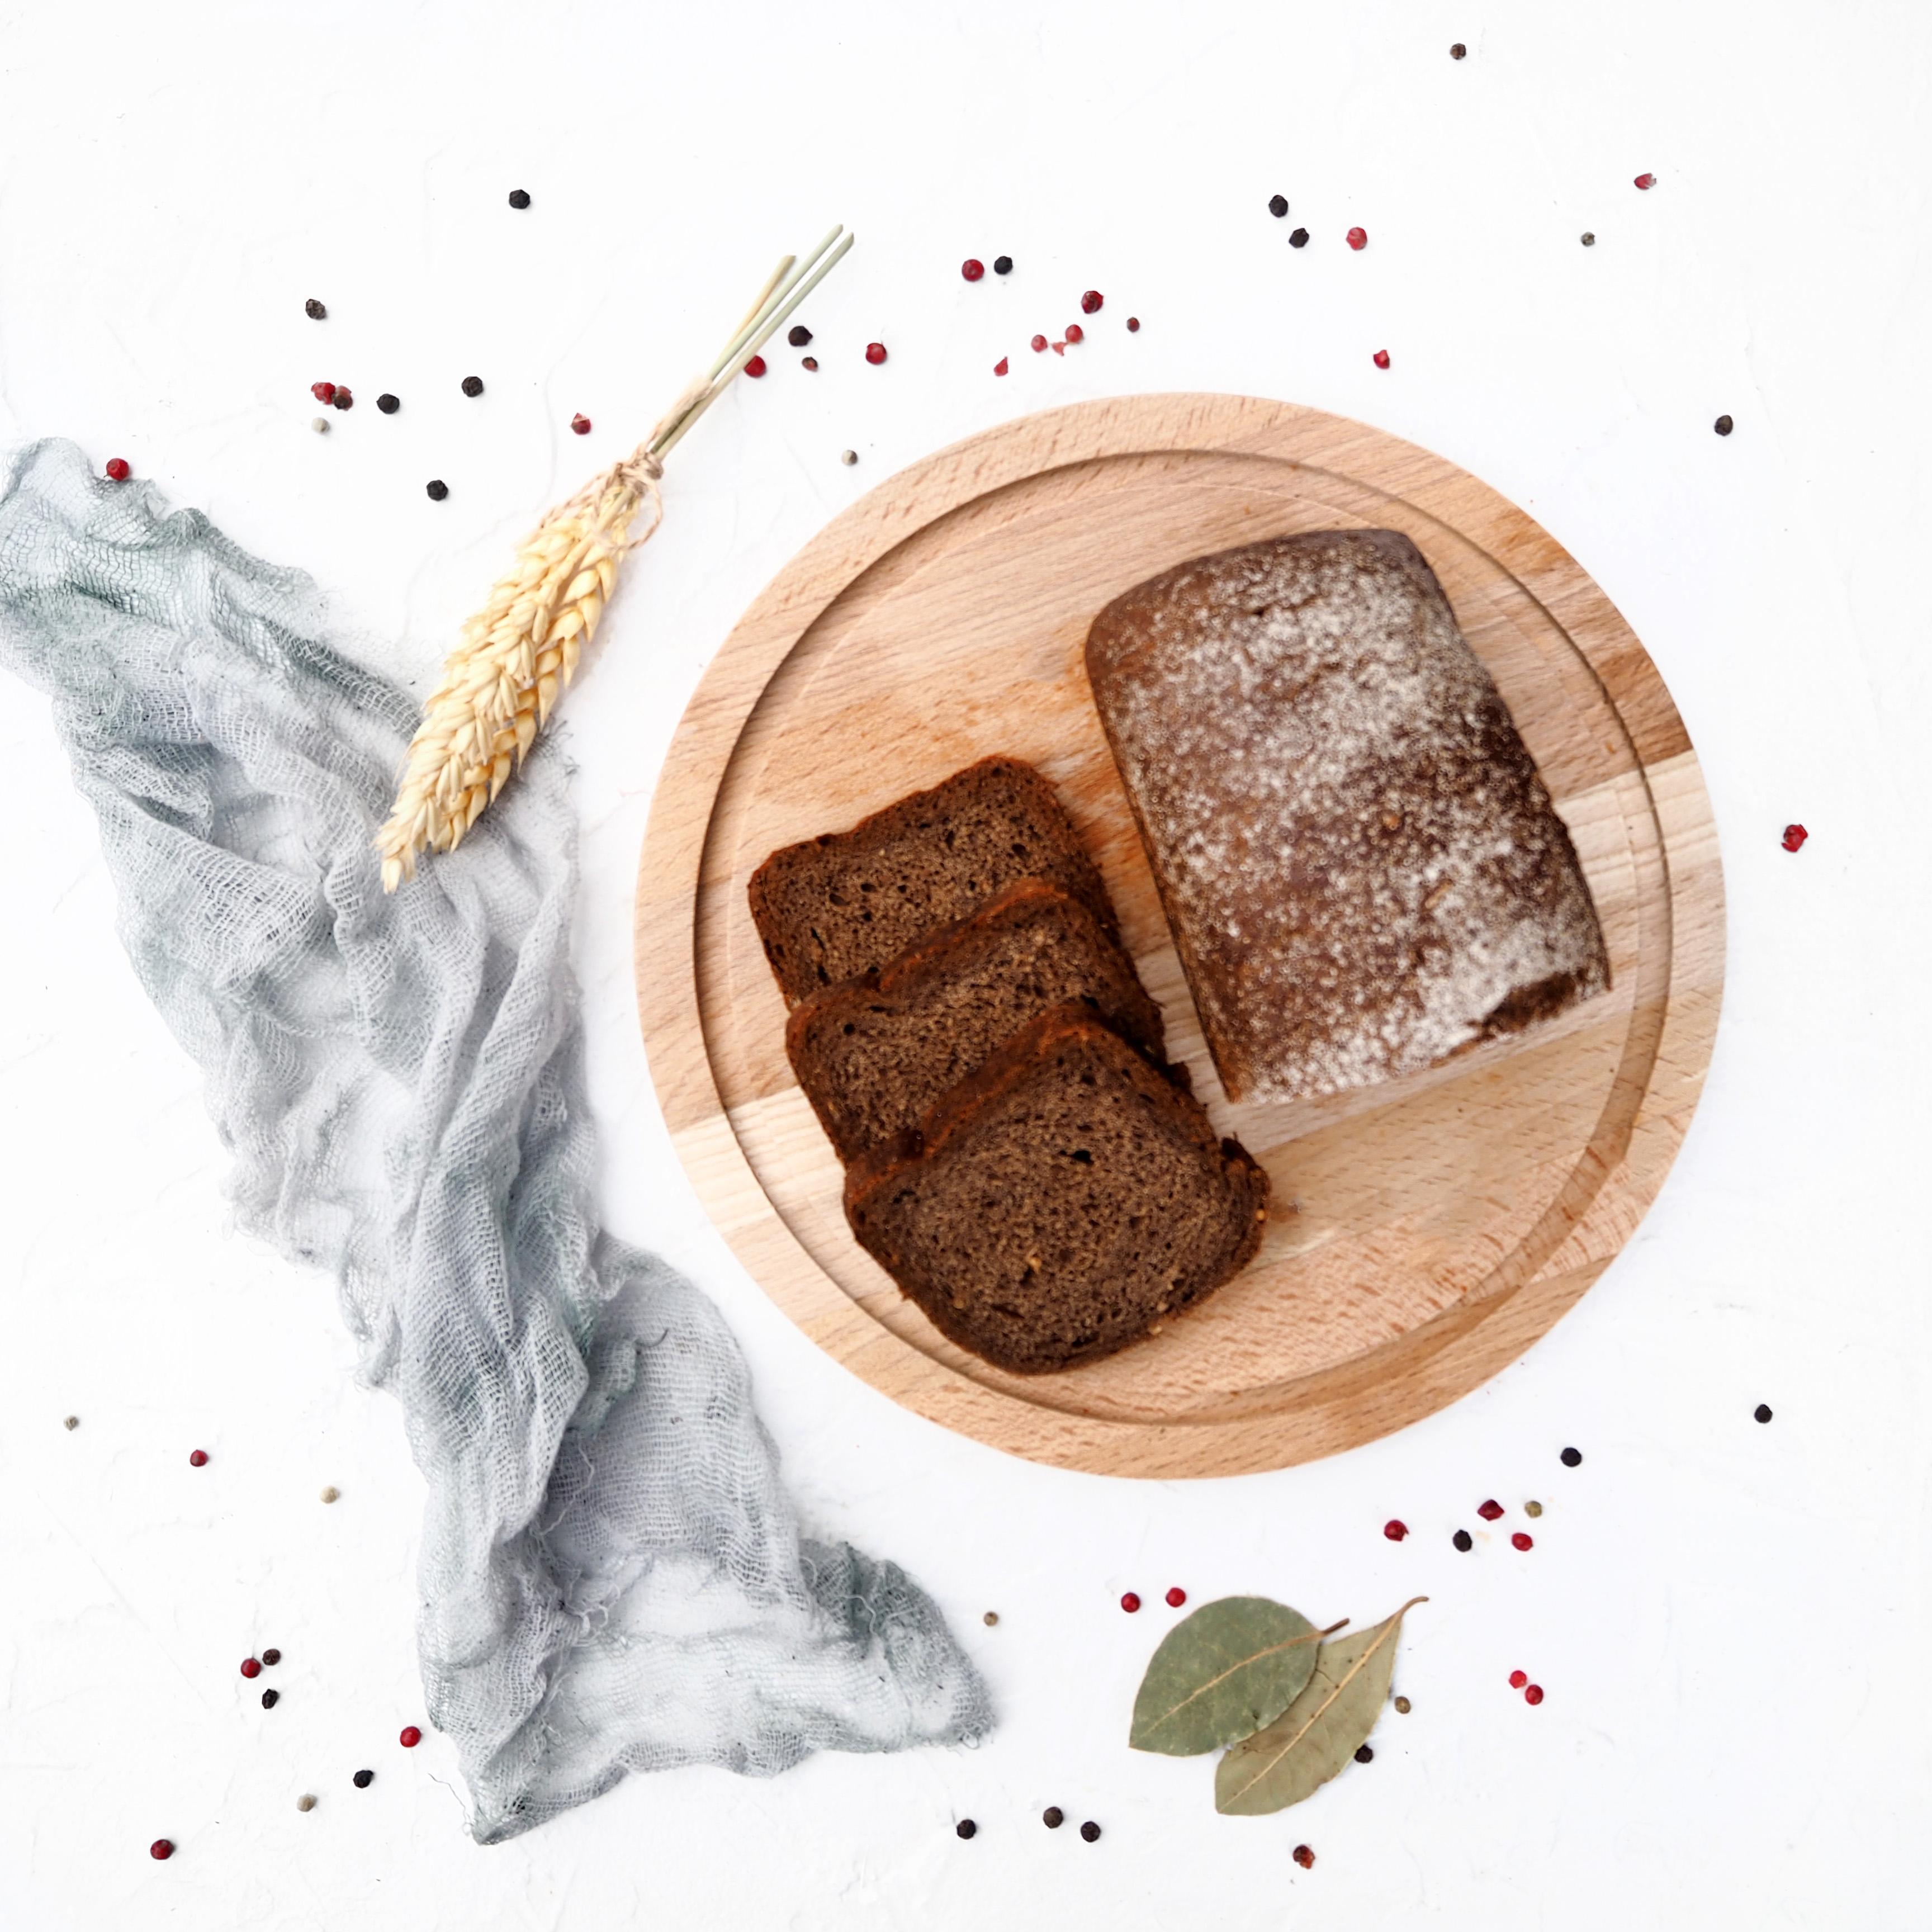 Замороженный солодовый хлеб (1 шт., 320 г)